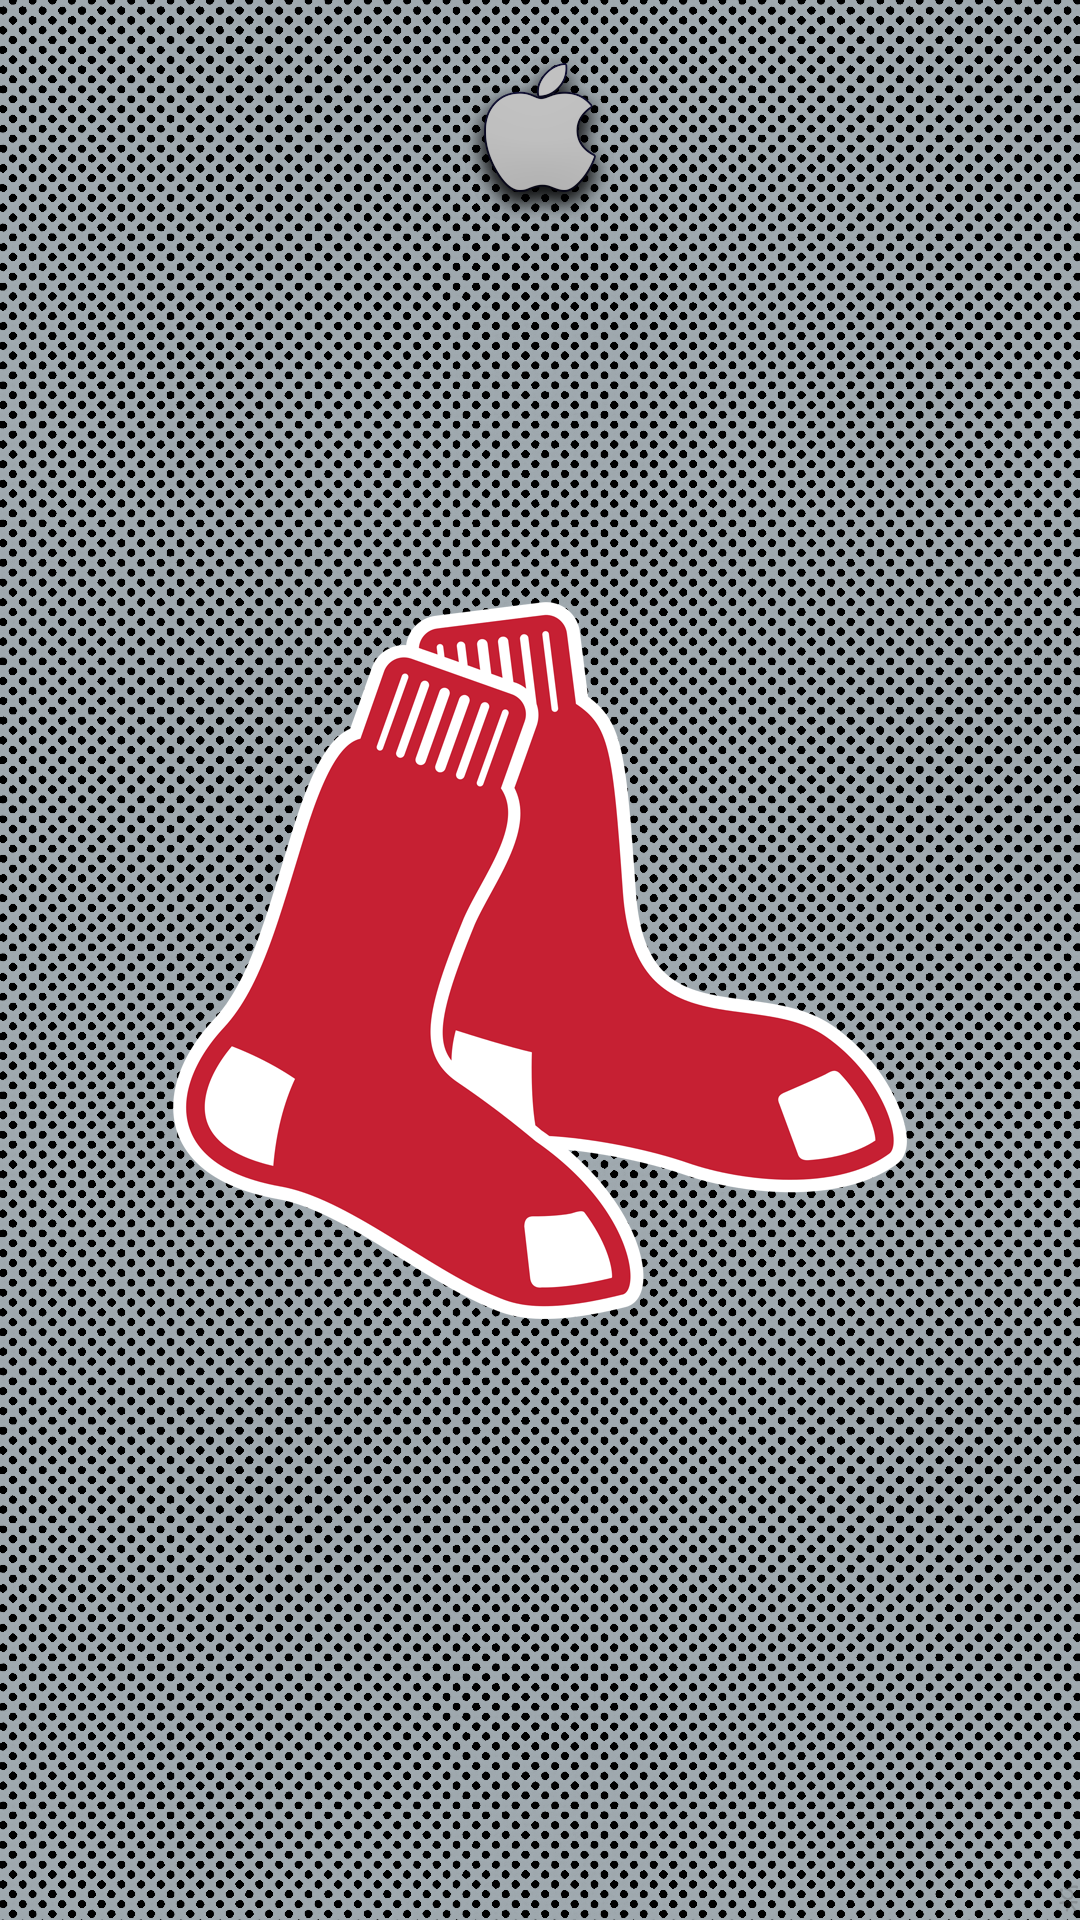 Red Sox Iphone Wallpaper 22 1080x1920 Pixels